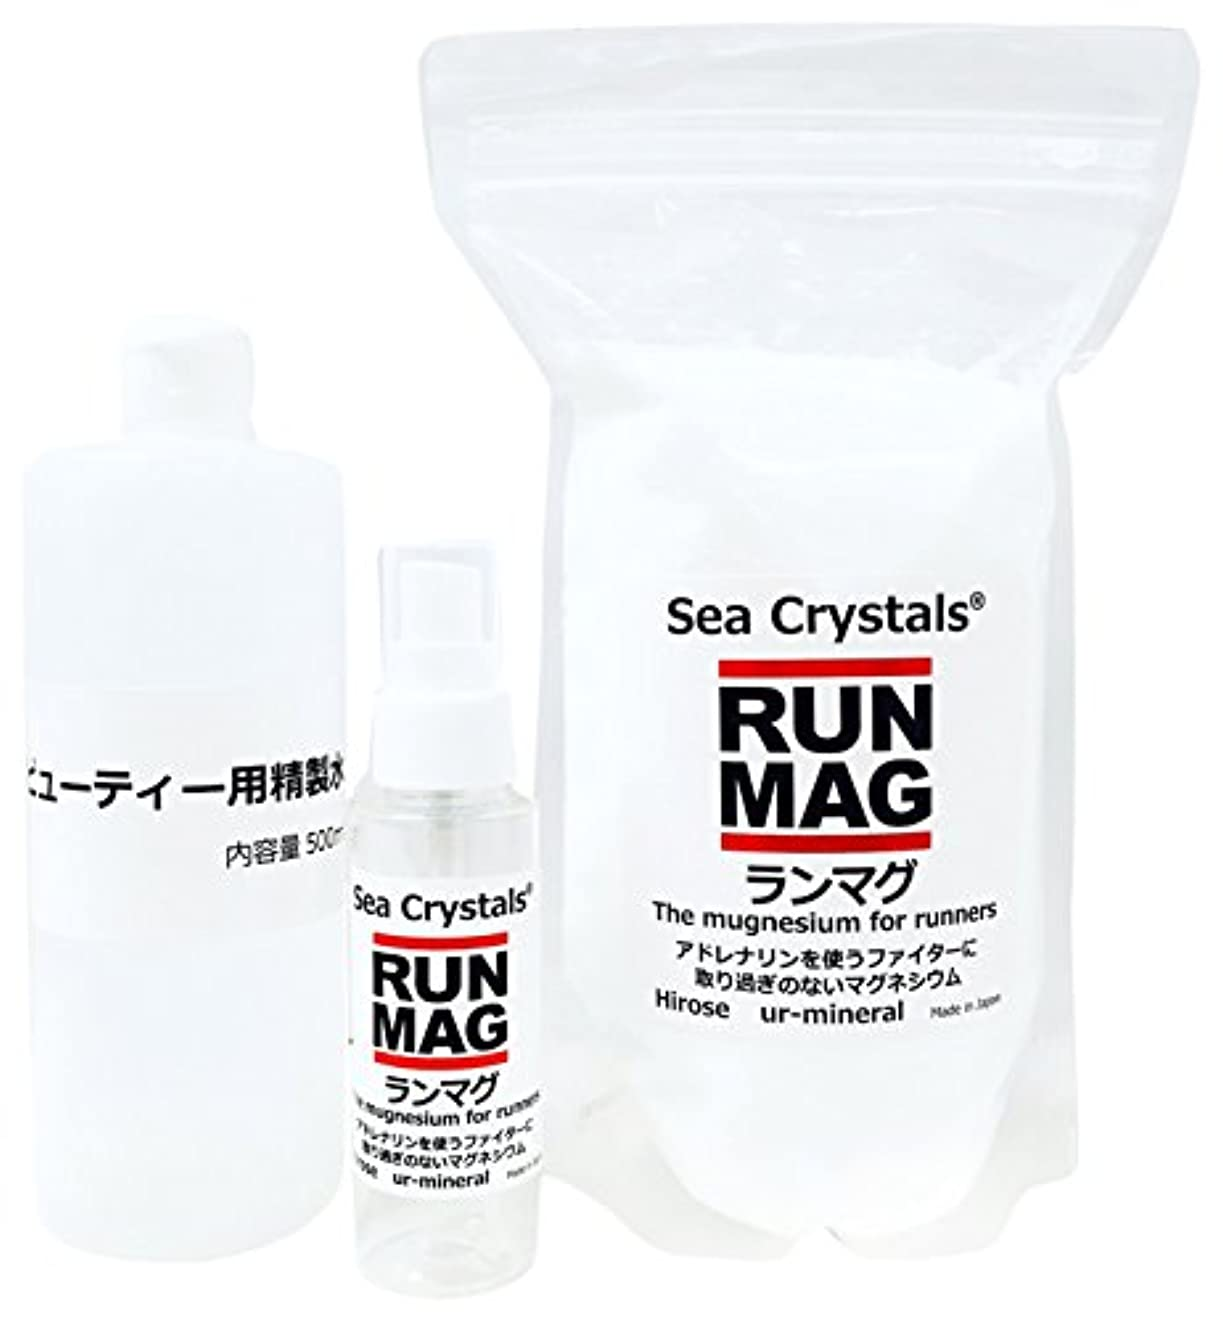 あなたが良くなります不完全な弱まるランマグ?マグネシウムオイル 500g 化粧品登録 日本製 1日マグネシウム360mg使用  精製水付き